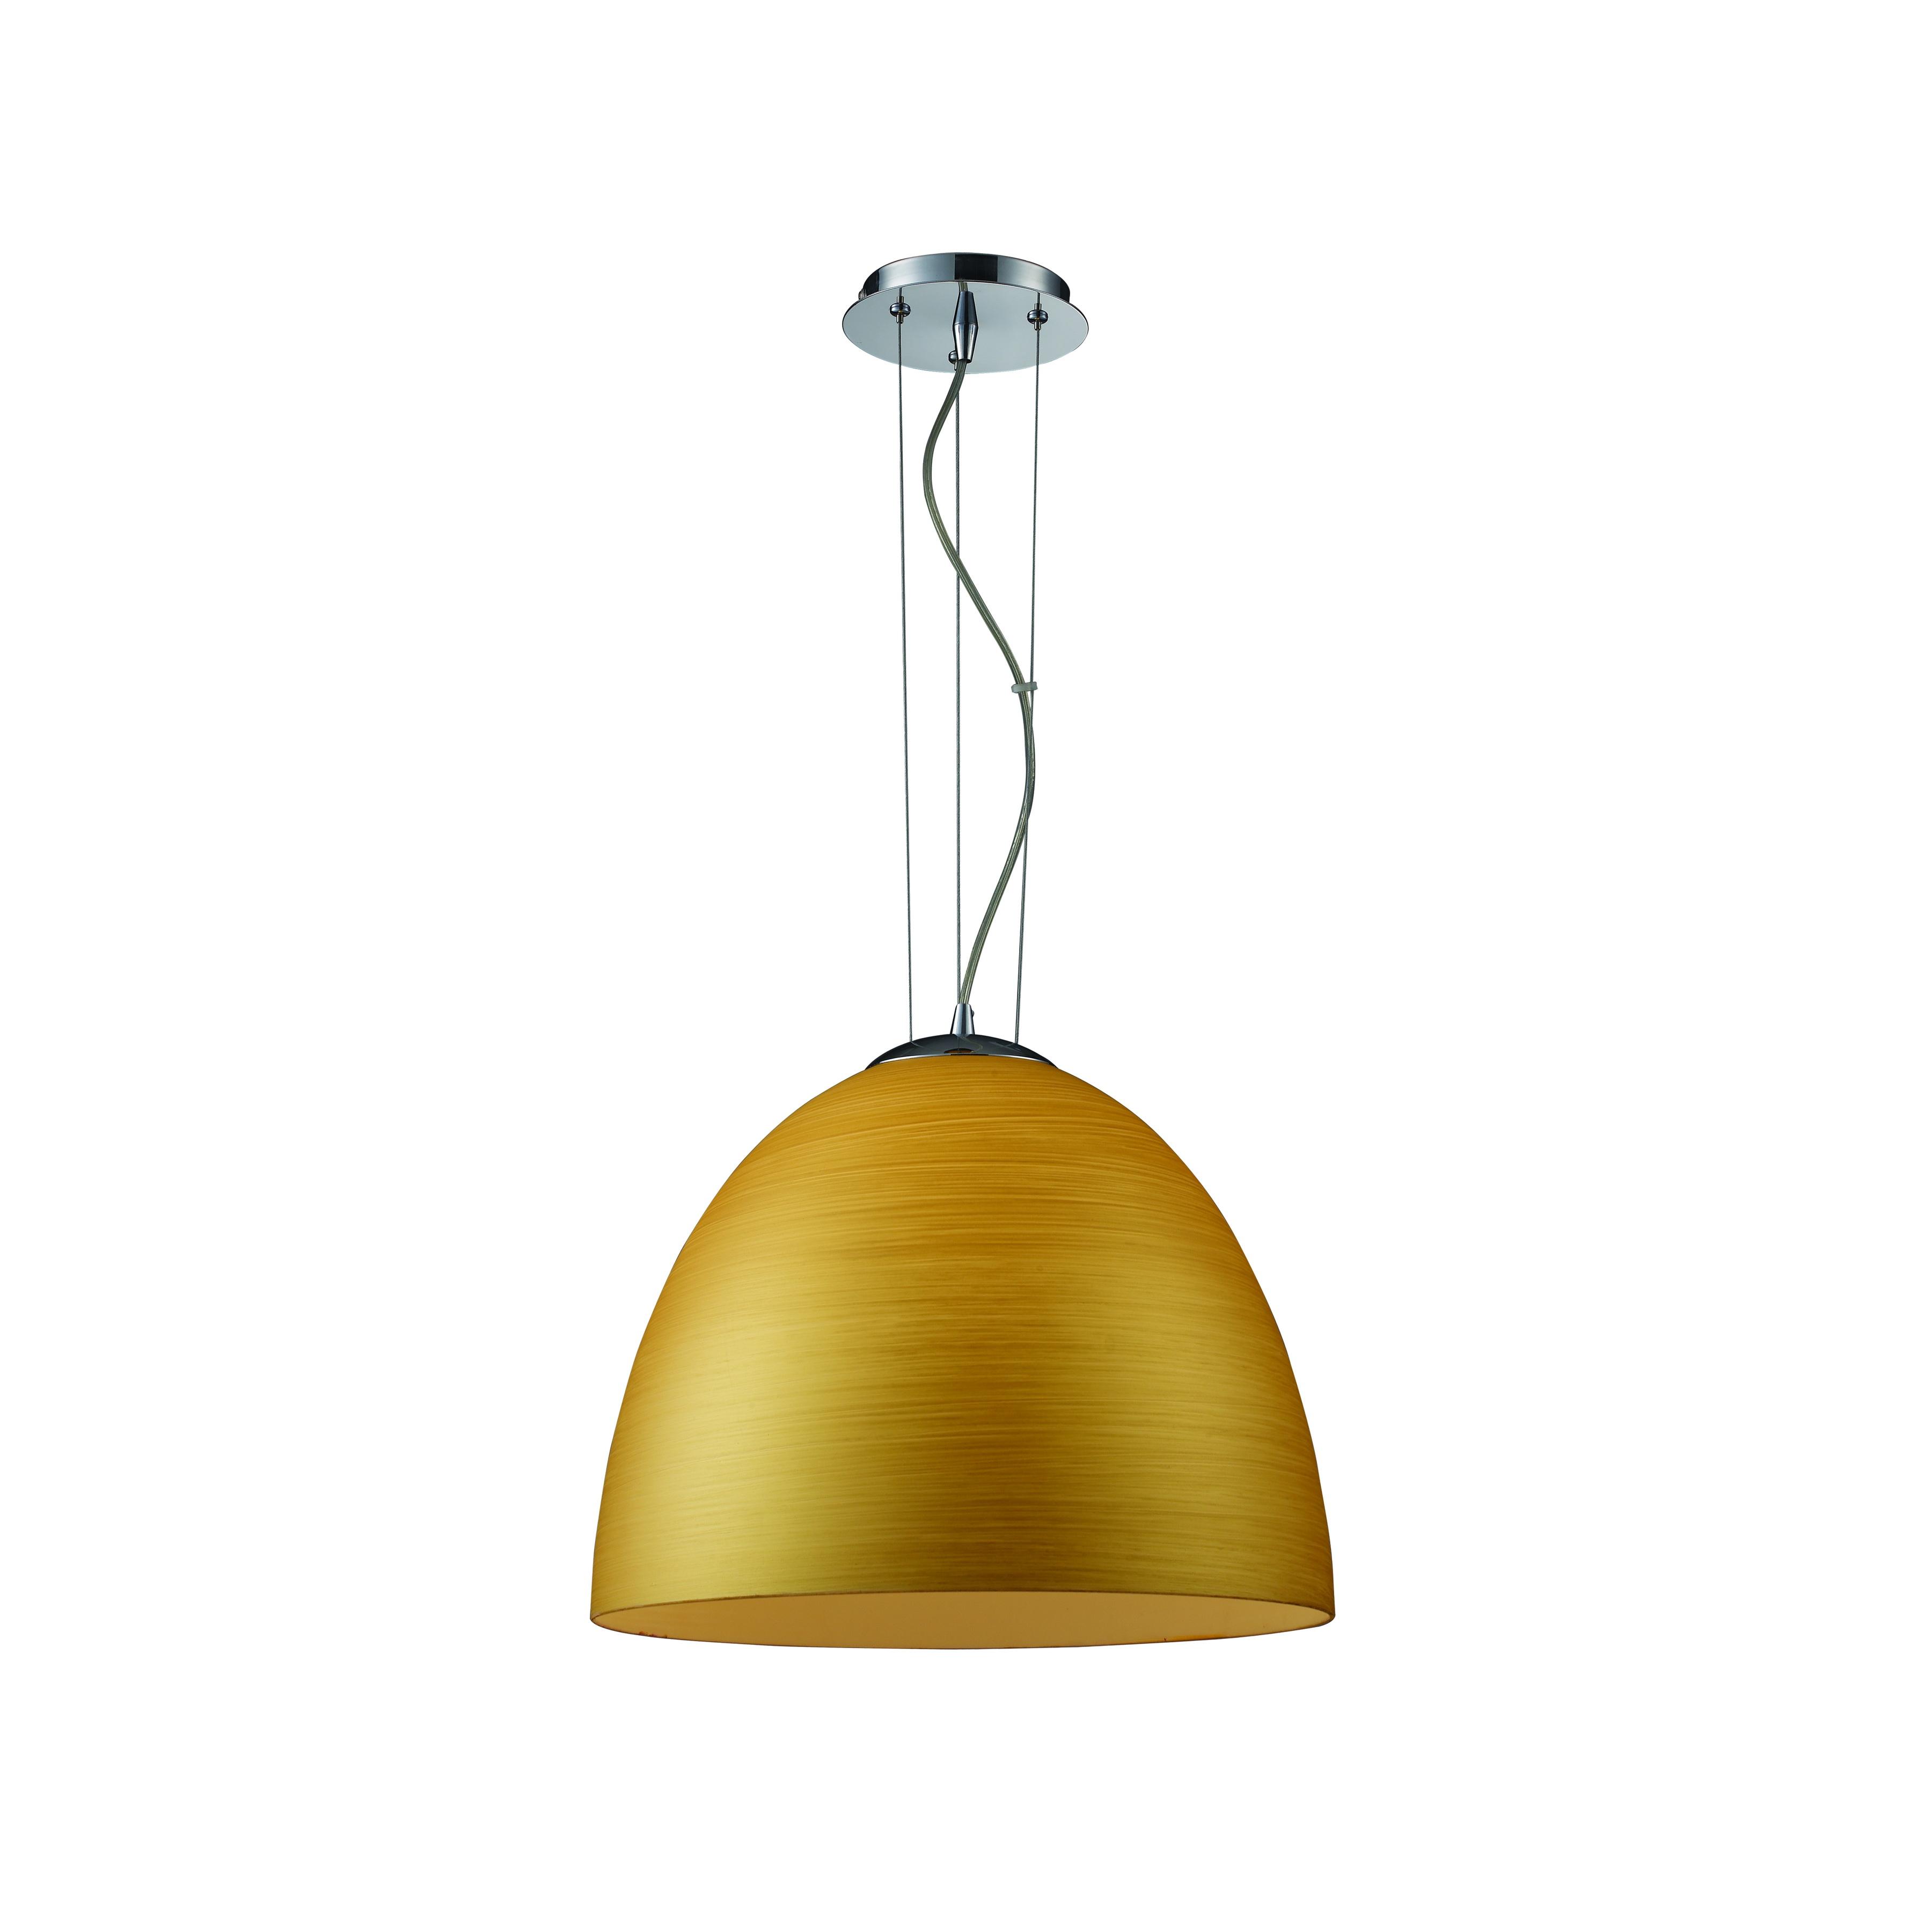 Светильник подвесной PalmyraПодвесные светильники<br>Светильник подвесной в стиле Мегаполис. Светильник поставляется в собранном виде и имеет в комплекте все необходимые для монтажа крепежные элементы.&amp;lt;div&amp;gt;&amp;lt;br&amp;gt;&amp;lt;/div&amp;gt;&amp;lt;div&amp;gt;&amp;lt;div&amp;gt;Цоколь: E14&amp;lt;/div&amp;gt;&amp;lt;div&amp;gt;Мощность лампы: 40W&amp;lt;/div&amp;gt;&amp;lt;div&amp;gt;Количество ламп: 3&amp;lt;/div&amp;gt;&amp;lt;/div&amp;gt;&amp;lt;div&amp;gt;&amp;lt;span style=&amp;quot;line-height: 24.9999px;&amp;quot;&amp;gt;Лампочки не входят в комплект.&amp;lt;/span&amp;gt;&amp;lt;br&amp;gt;&amp;lt;/div&amp;gt;&amp;lt;div&amp;gt;&amp;lt;br&amp;gt;&amp;lt;/div&amp;gt;<br><br>Material: Металл<br>Height см: 120<br>Diameter см: 39,5